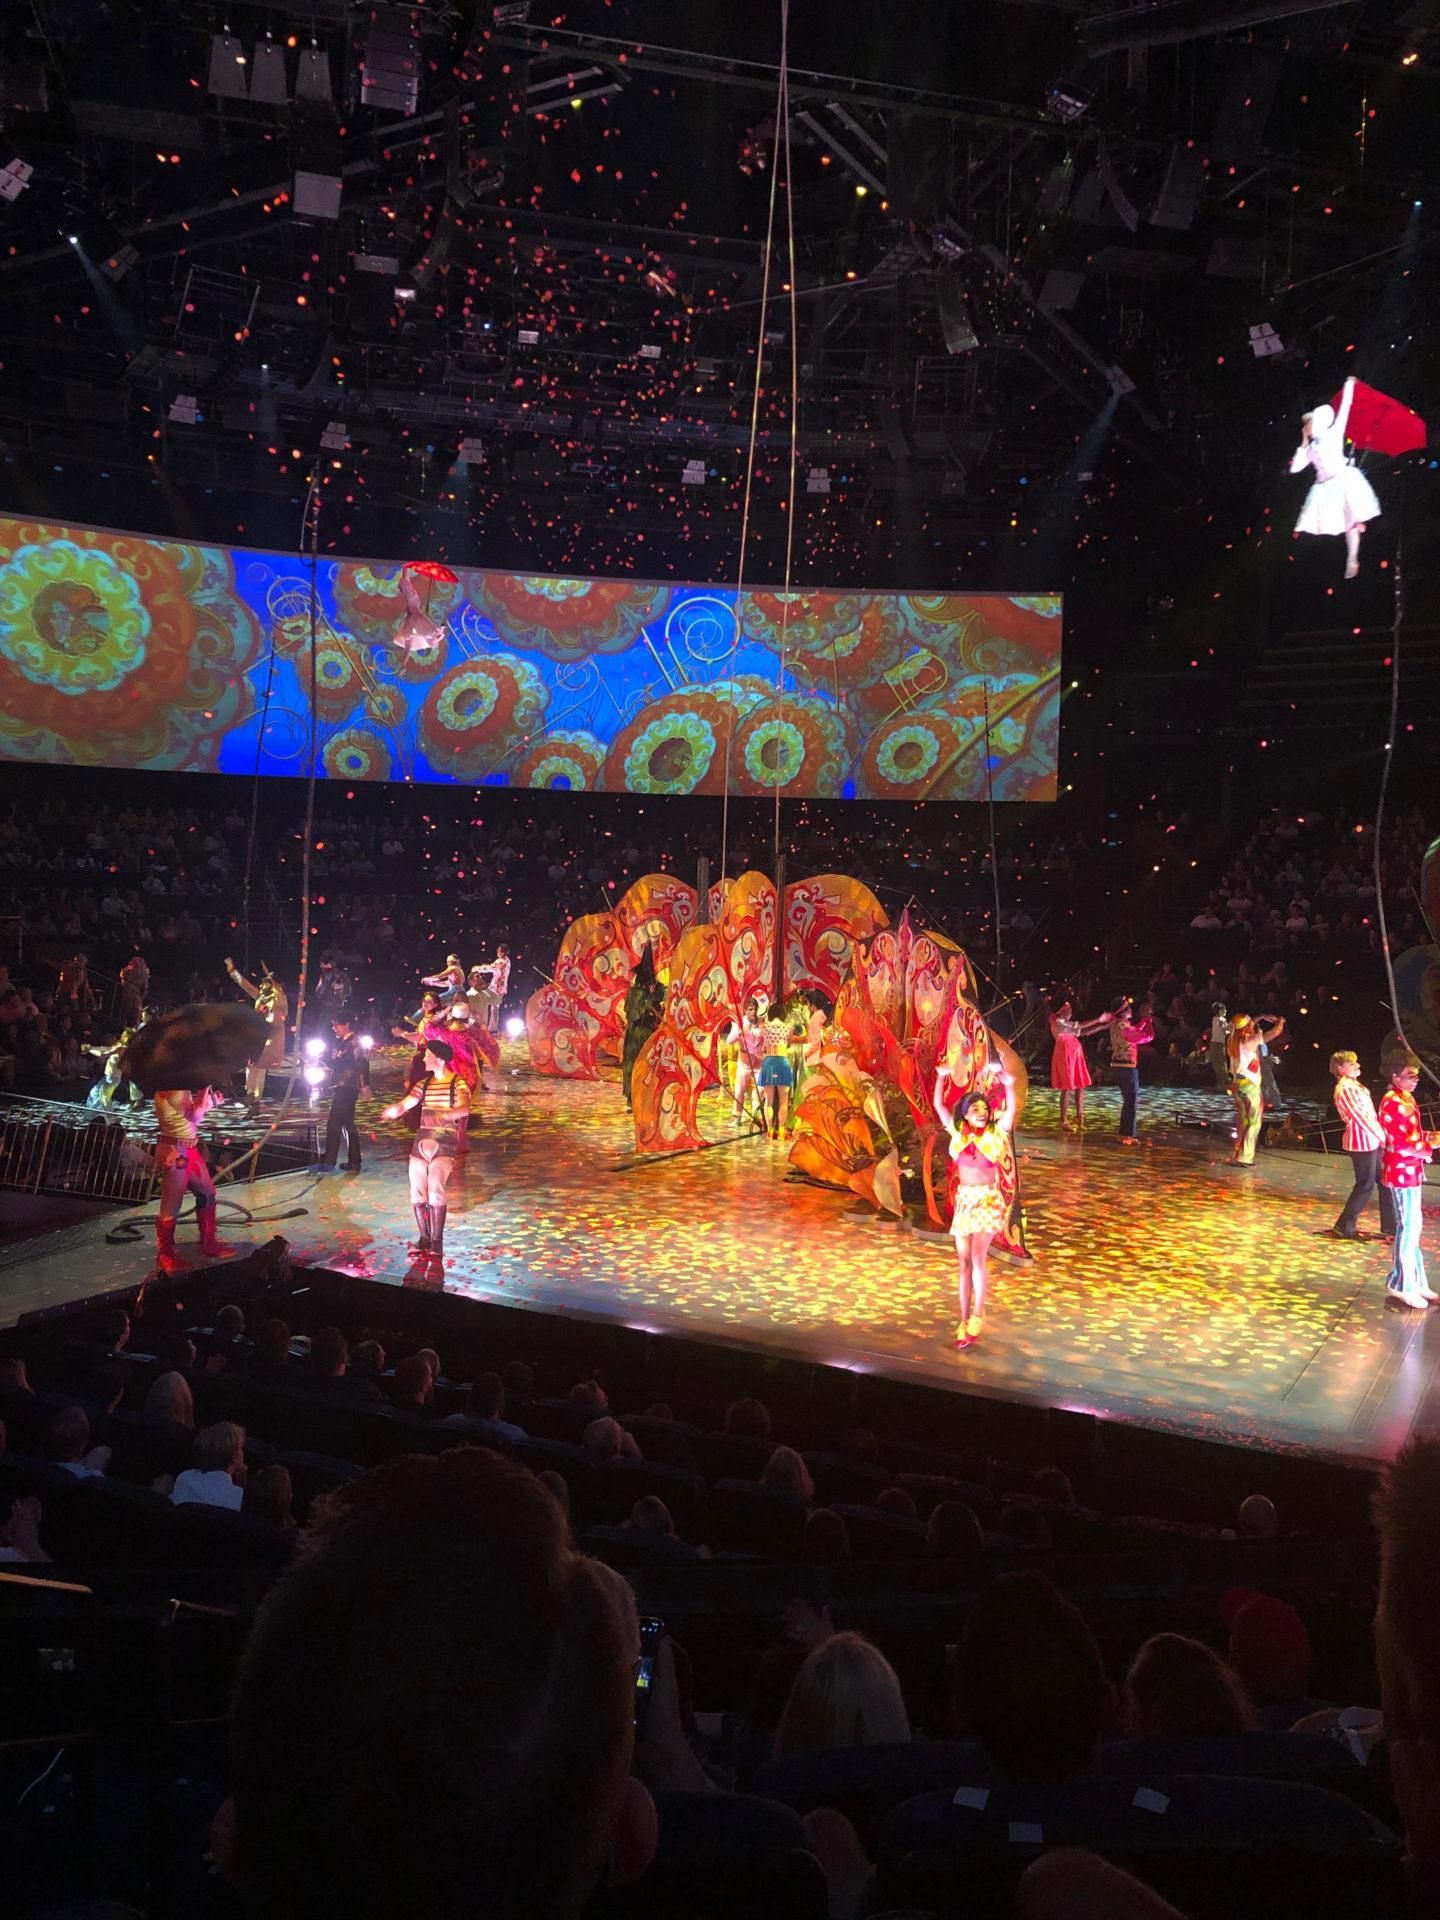 Cirque du Soeil Love